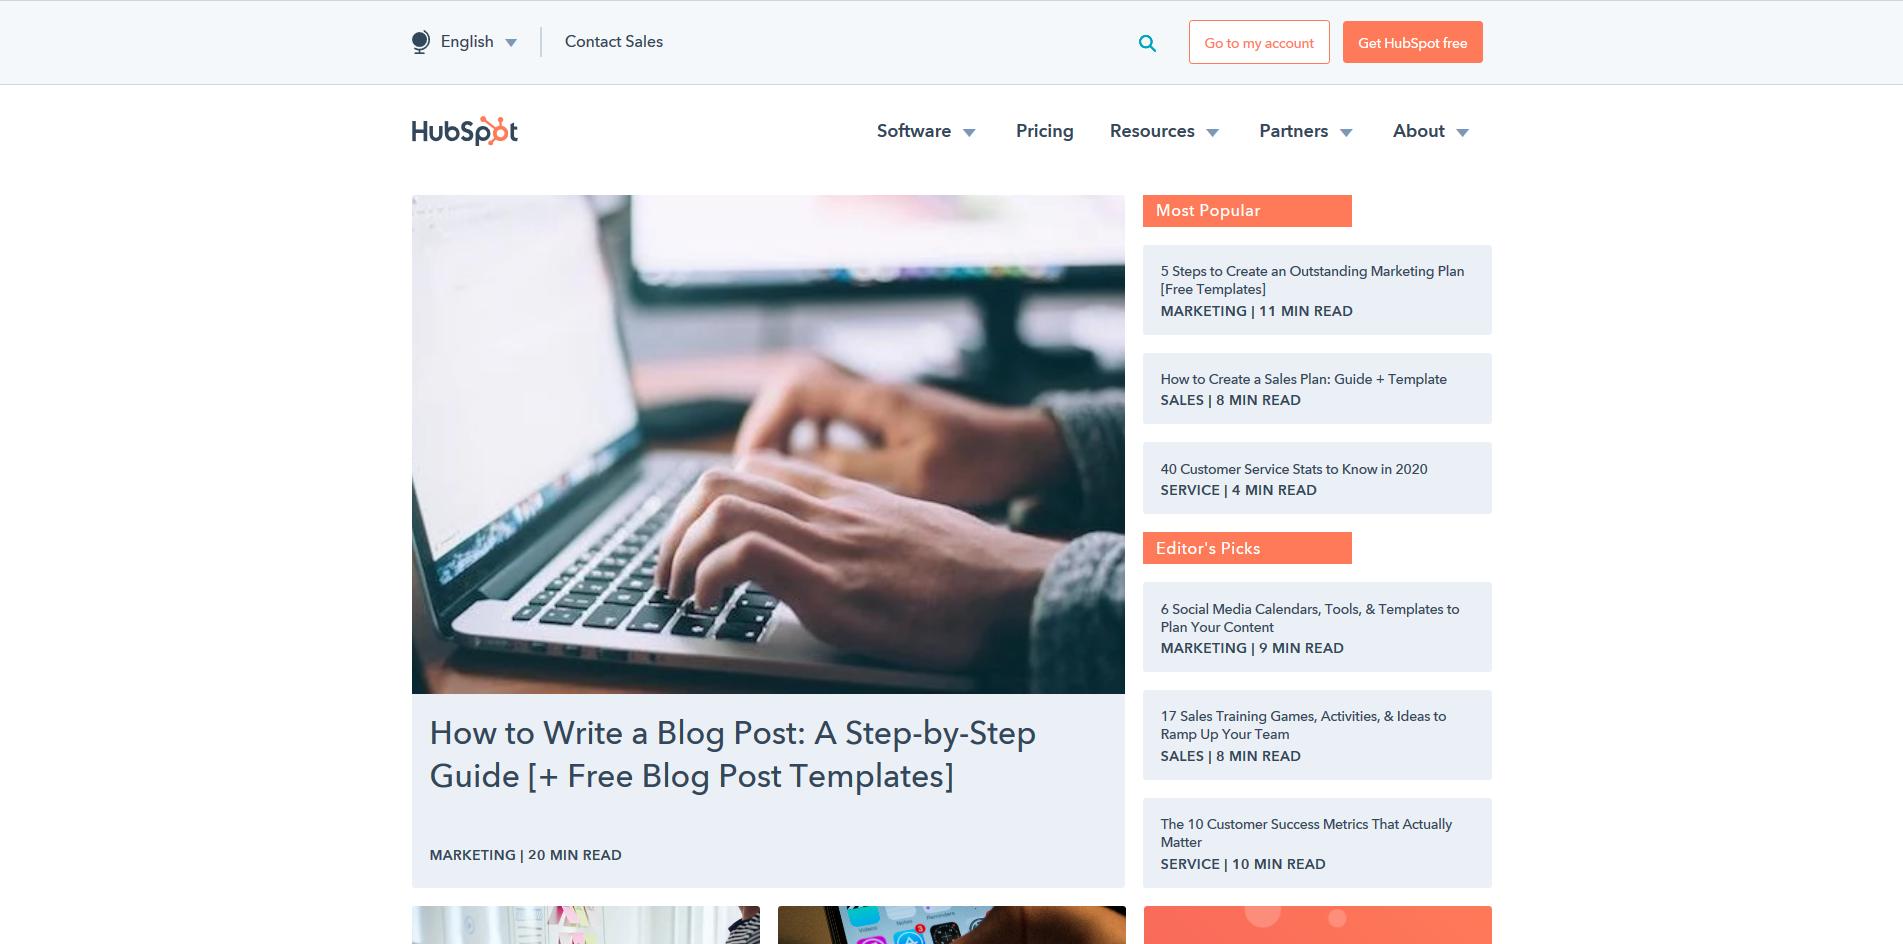 HubSpot_Blog_Feed